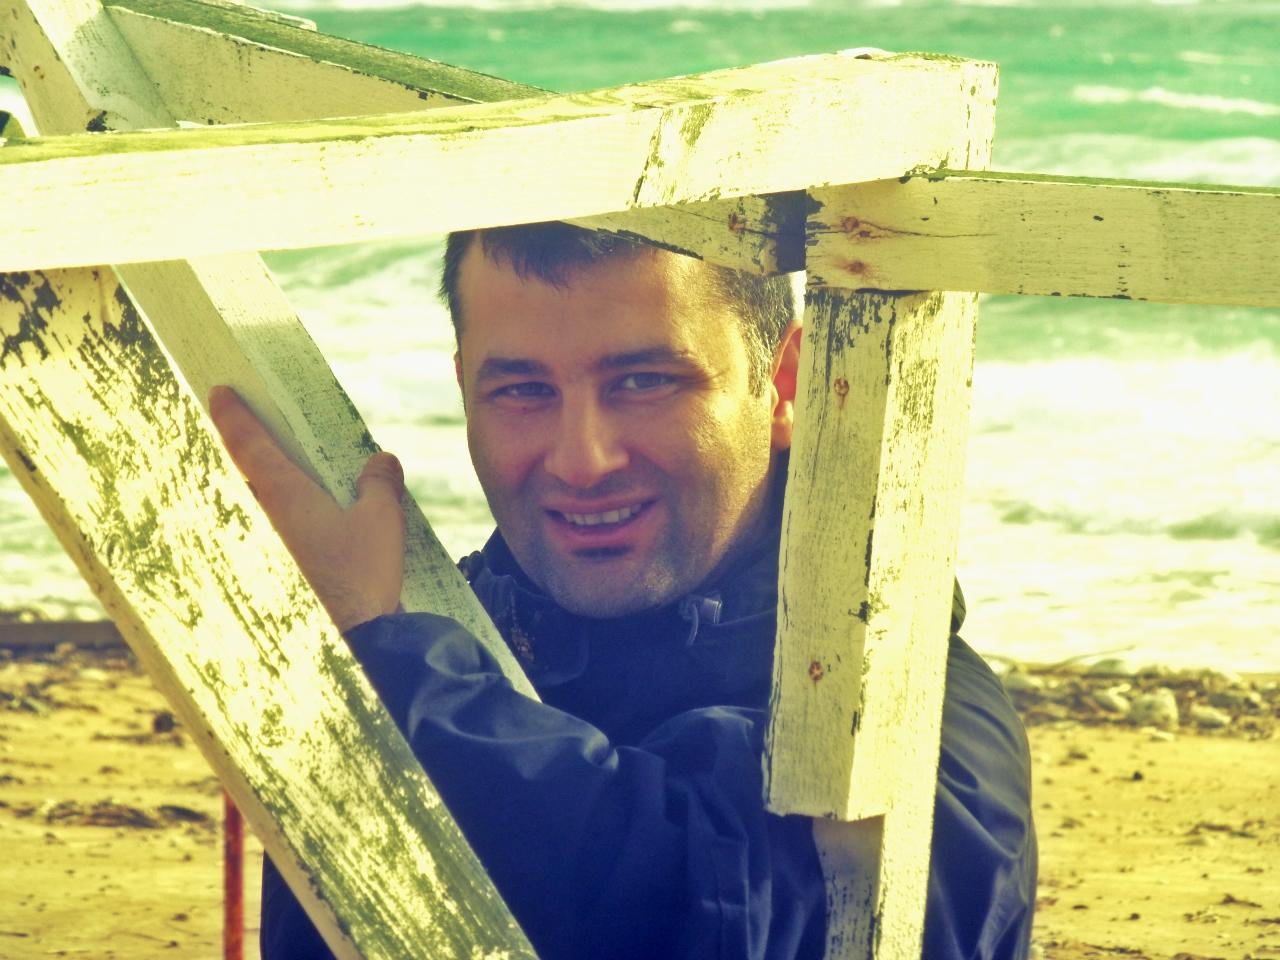 Fırat Tunabay Bozcaada Haber'de Yazdı: Resif ve Köpekbalıkları